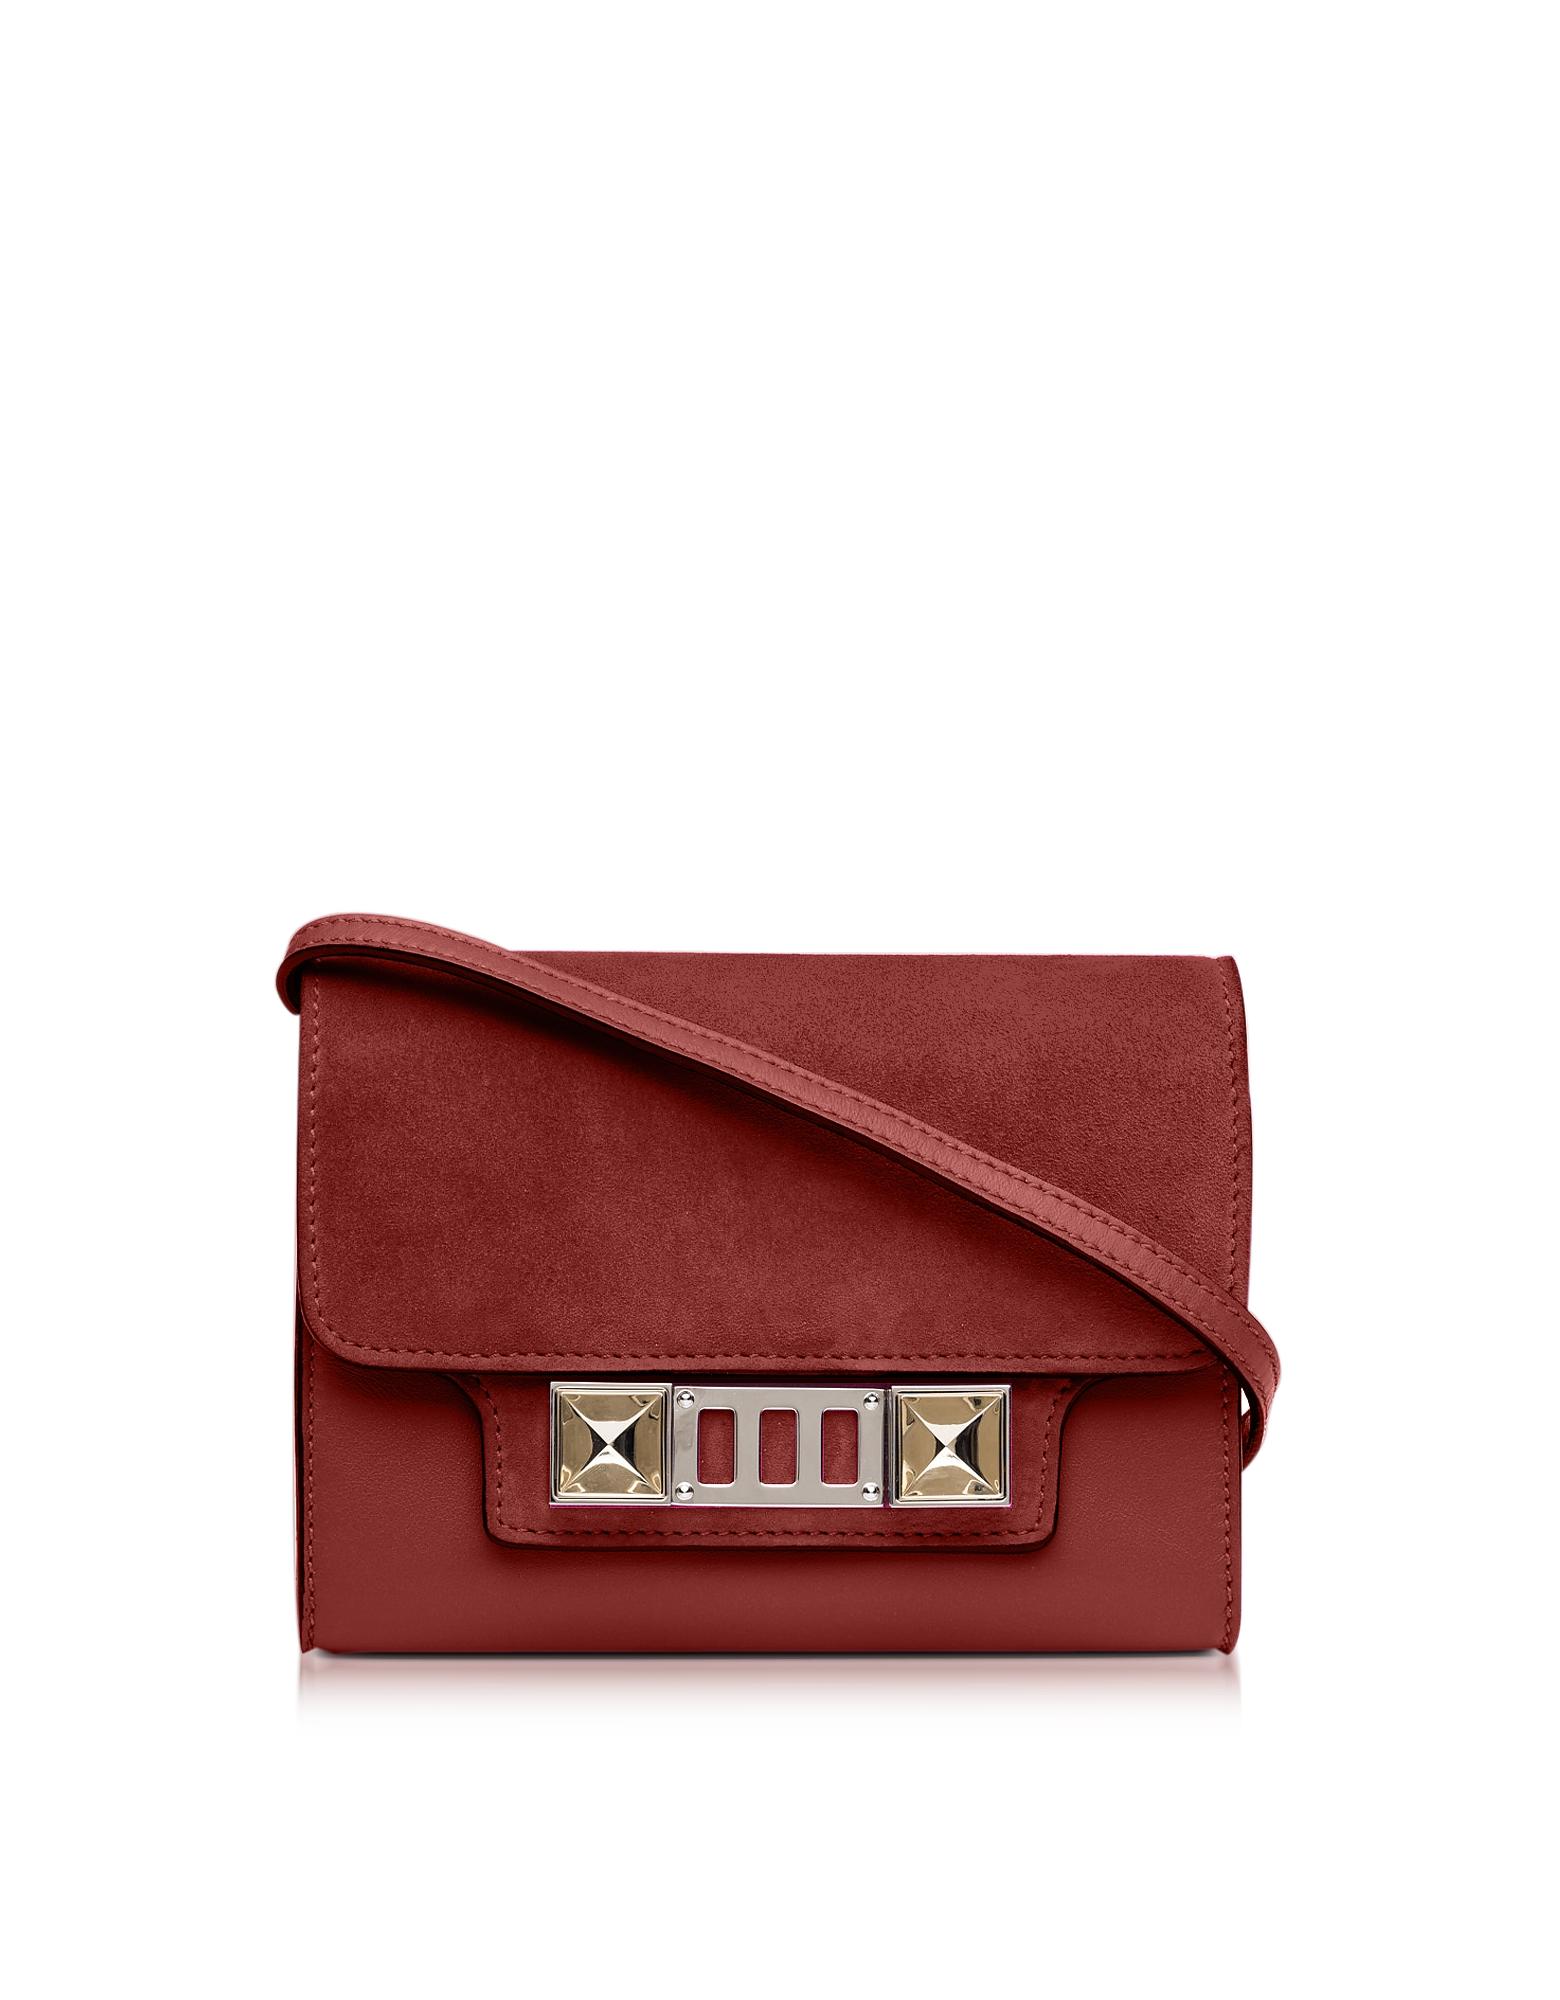 Фото PS11 - Темно-красный Бумажник из Кожи и Набука и Кожи с Ремешком на Плечо. Купить с доставкой